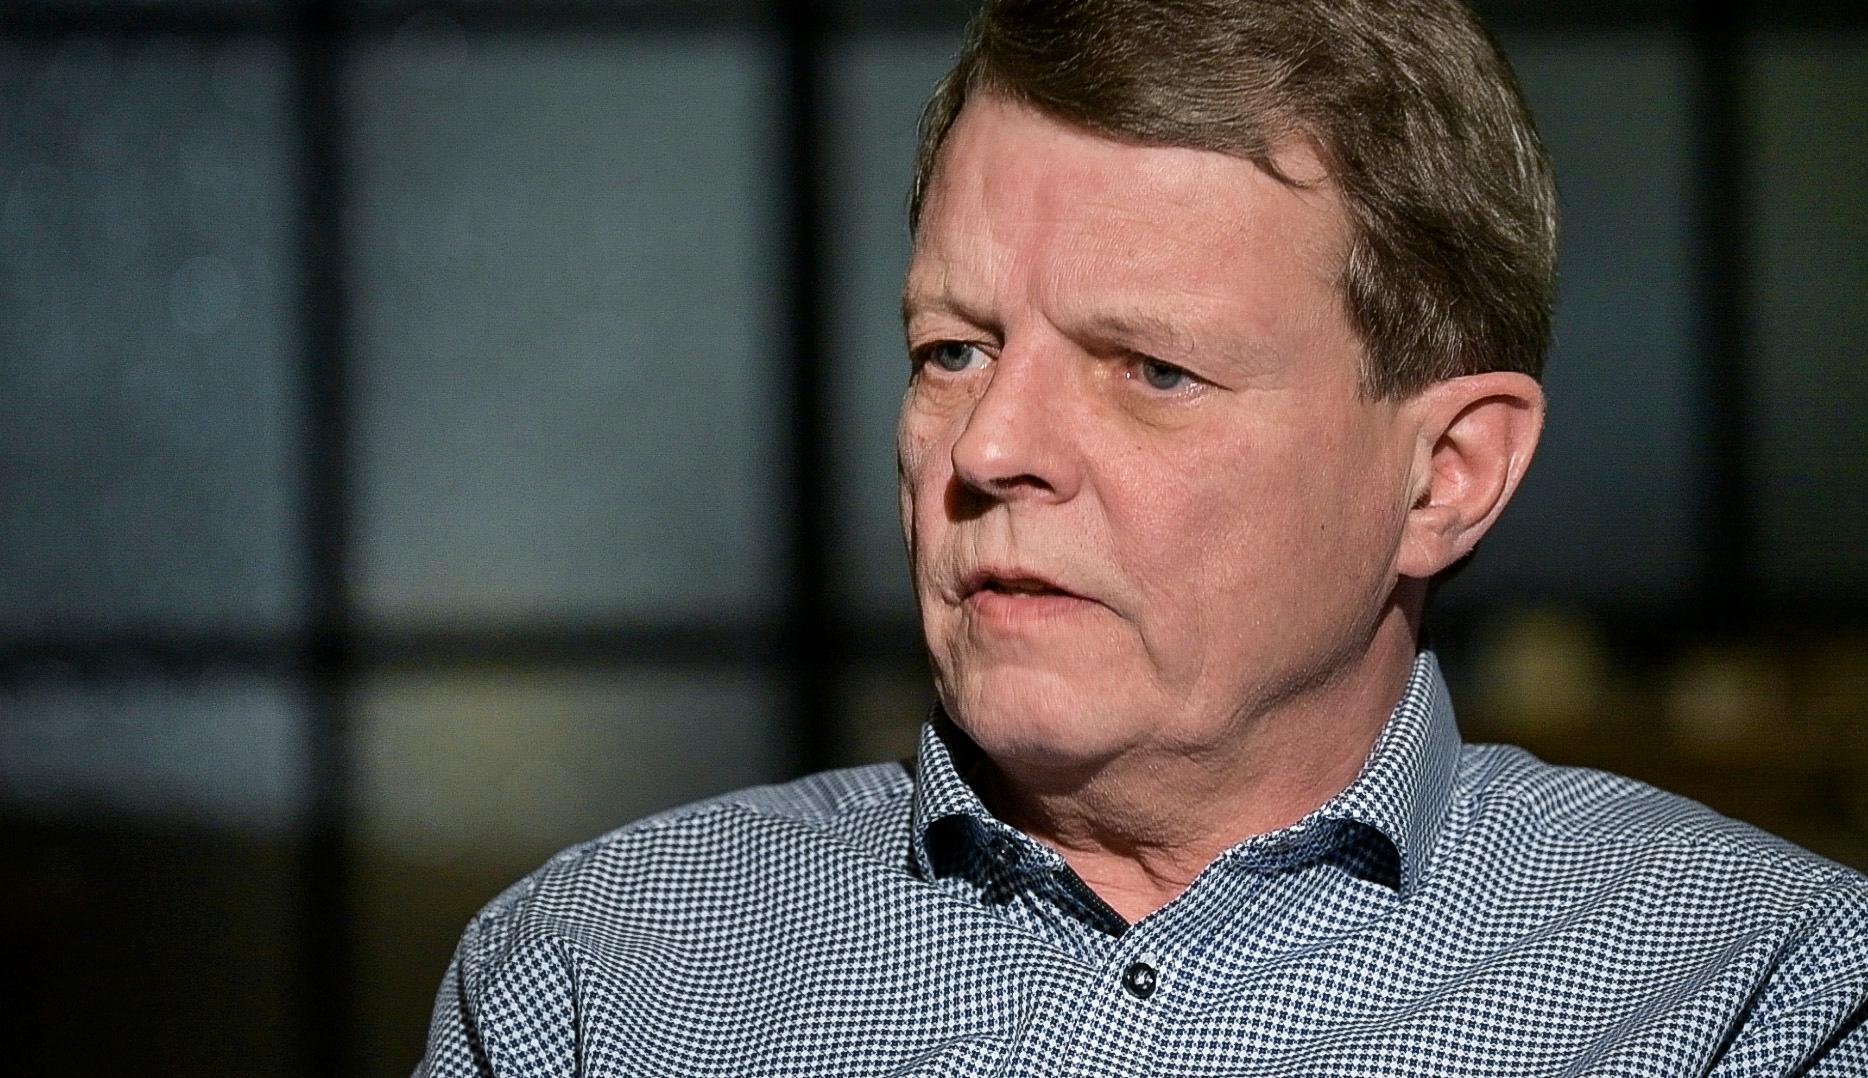 Lennart Andersson sökte vård i Finland efter dödsdomen från den svenska läkaren.